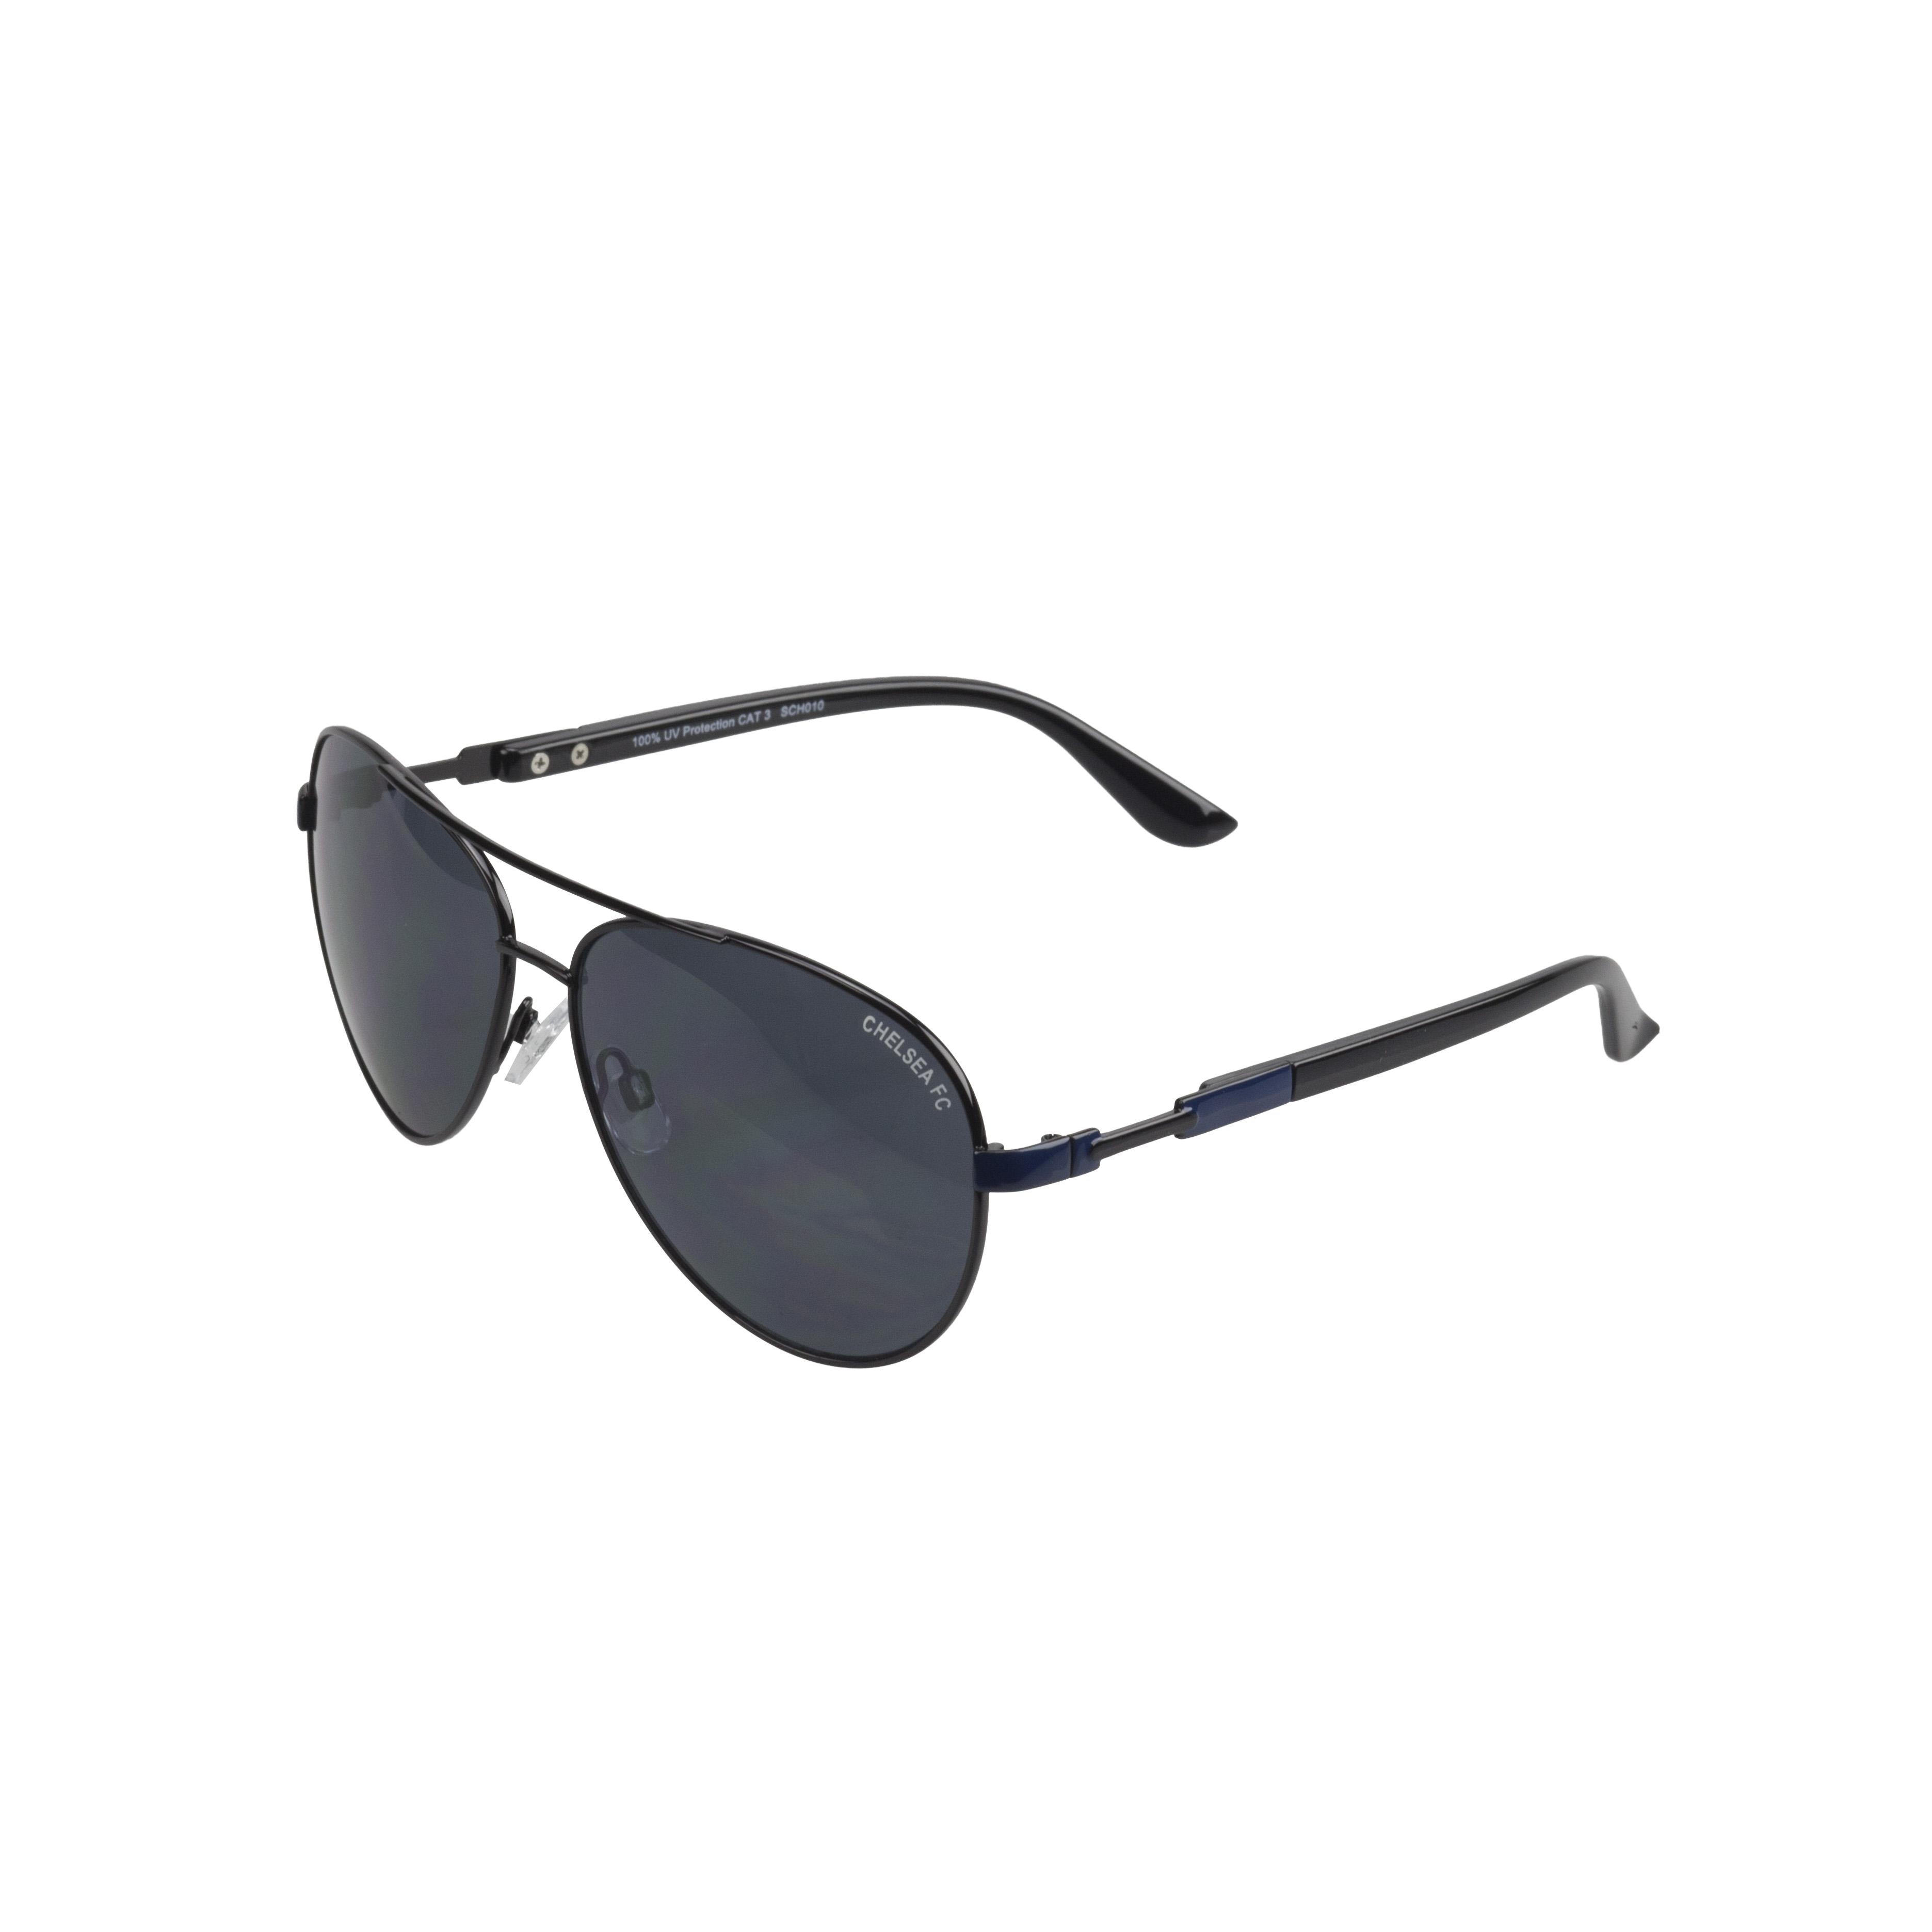 แว่นตากันแดดเชลซี Chelsea Aviator Sunglasses ของแท้